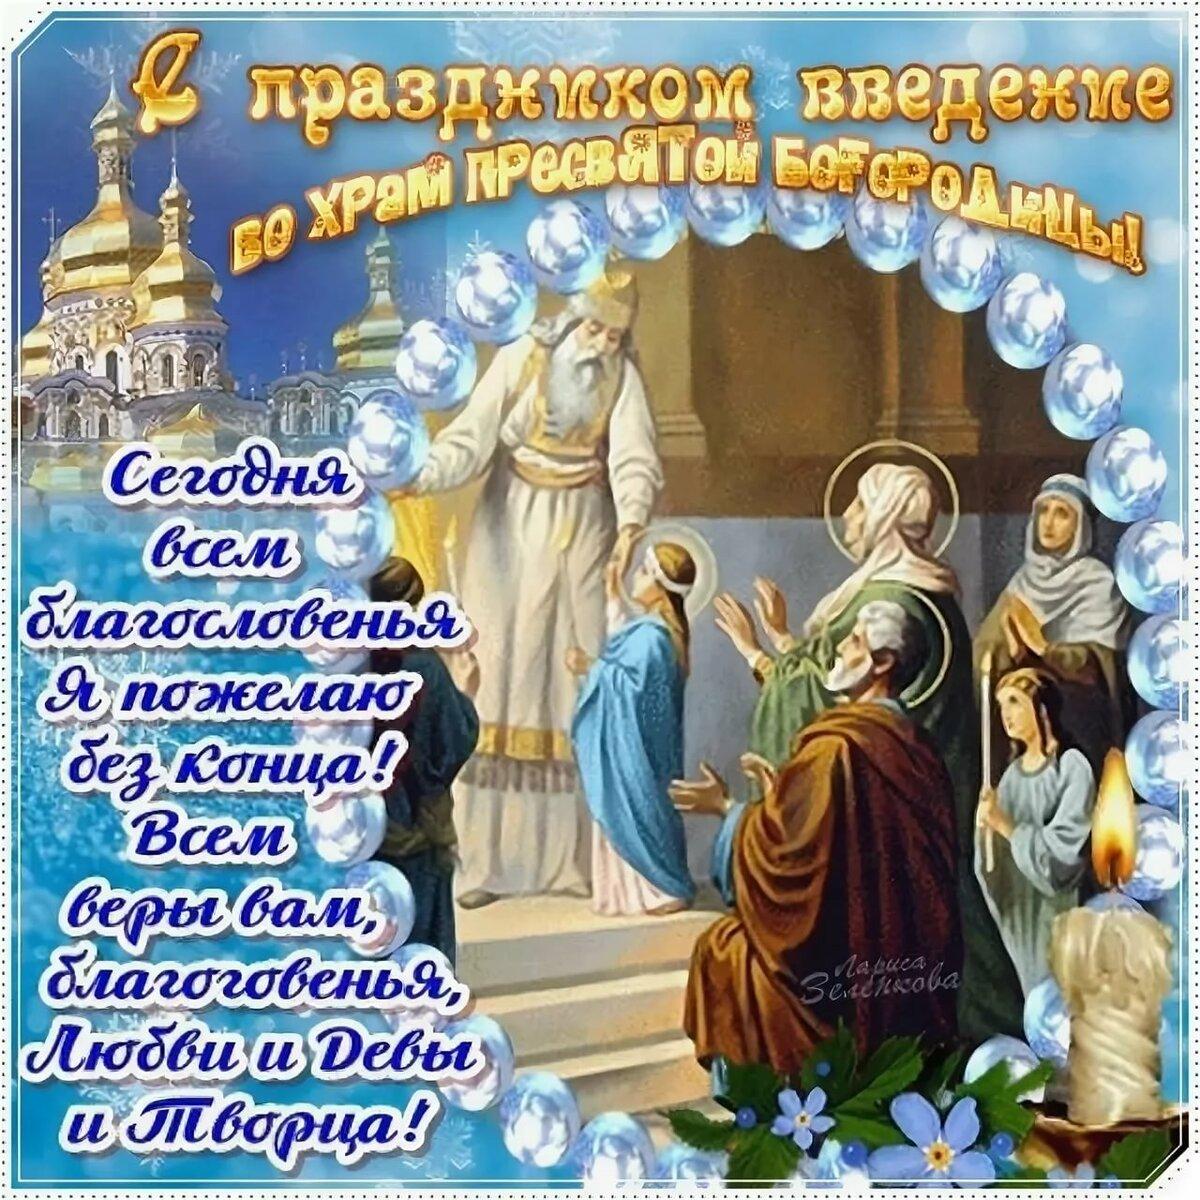 Введение во храм пресвятой богородицы: запреты дня и красивые поздравления с праздником